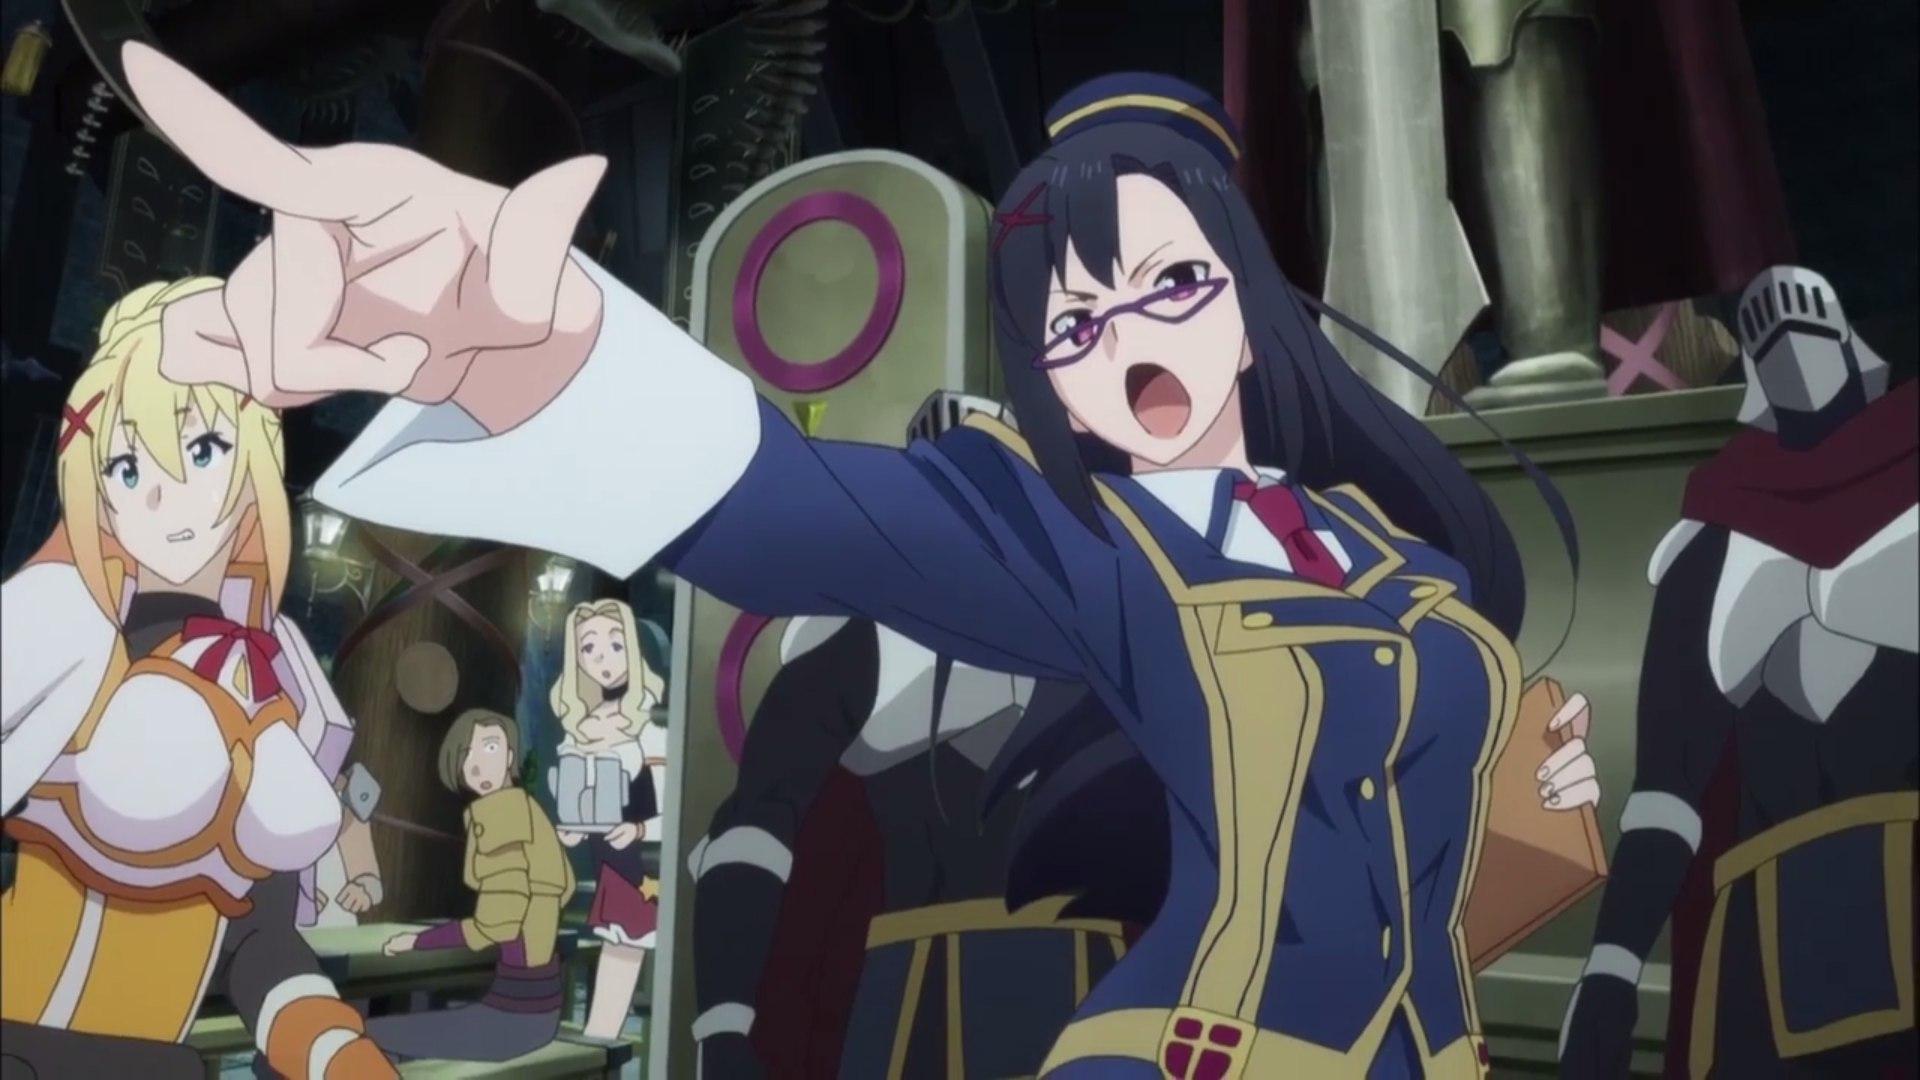 Аниме Этот замечательный мир, 2 сезон / Kono Subarashii Sekai ni Shukufuku wo 2 season